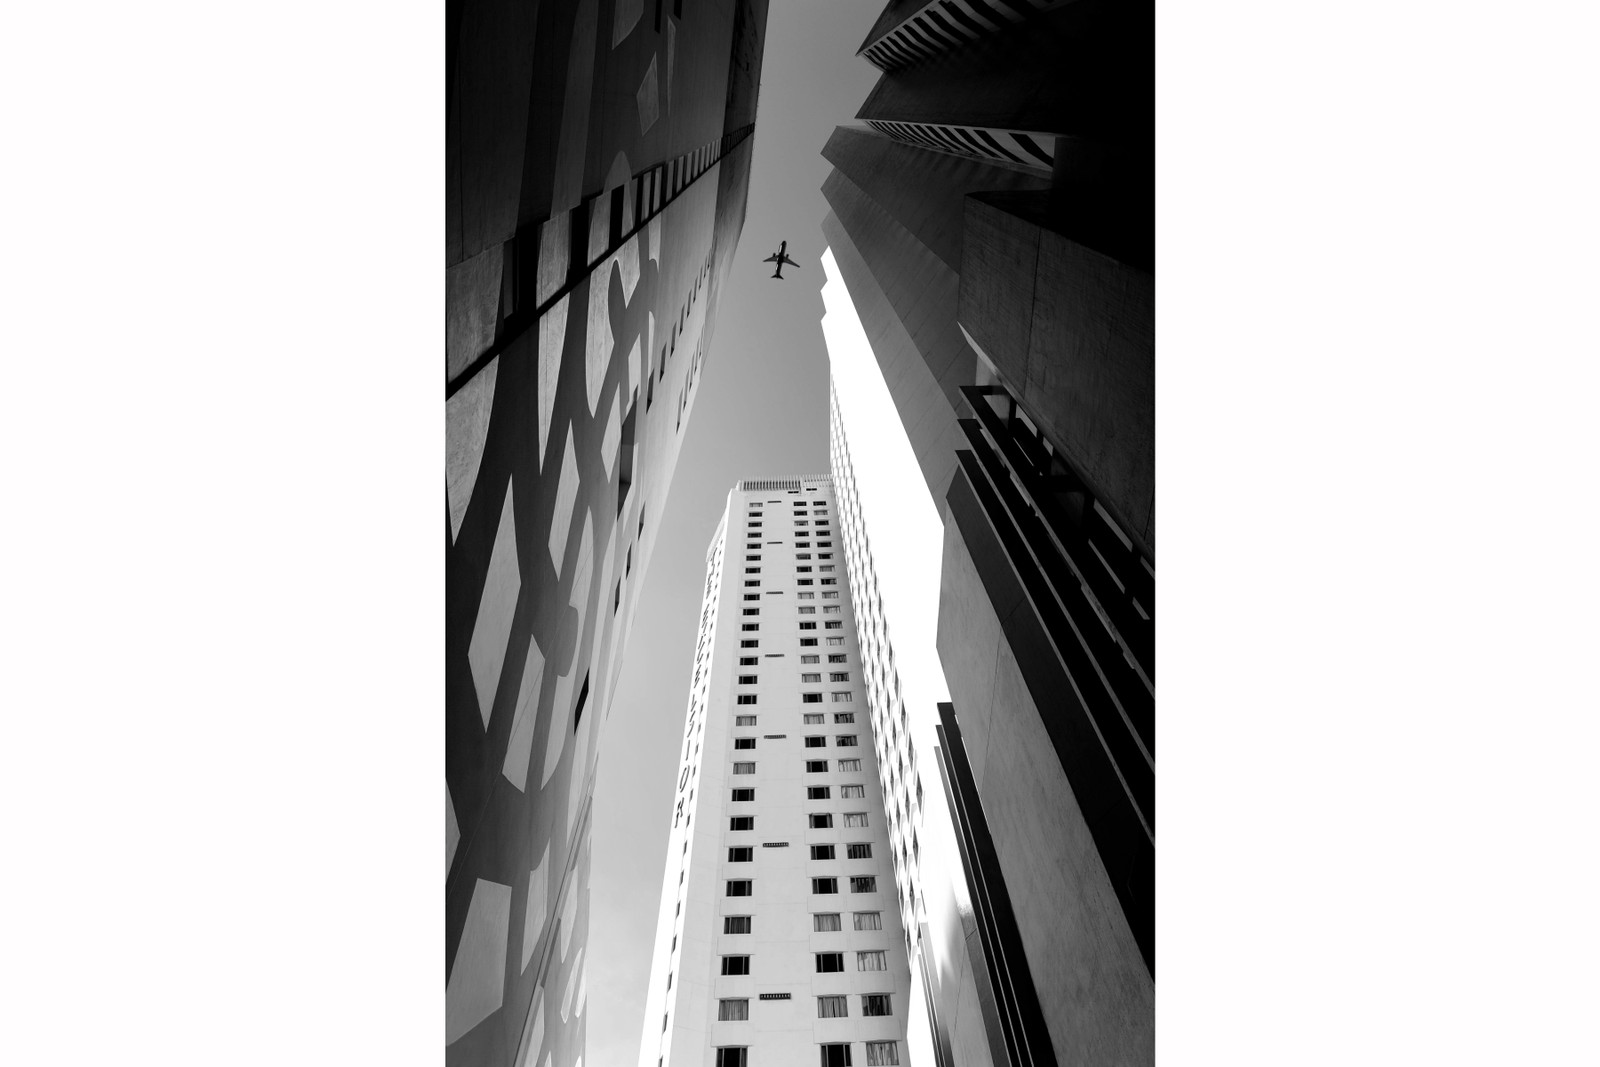 2018 國家地理會德豐香港攝影大賽得獎作品展